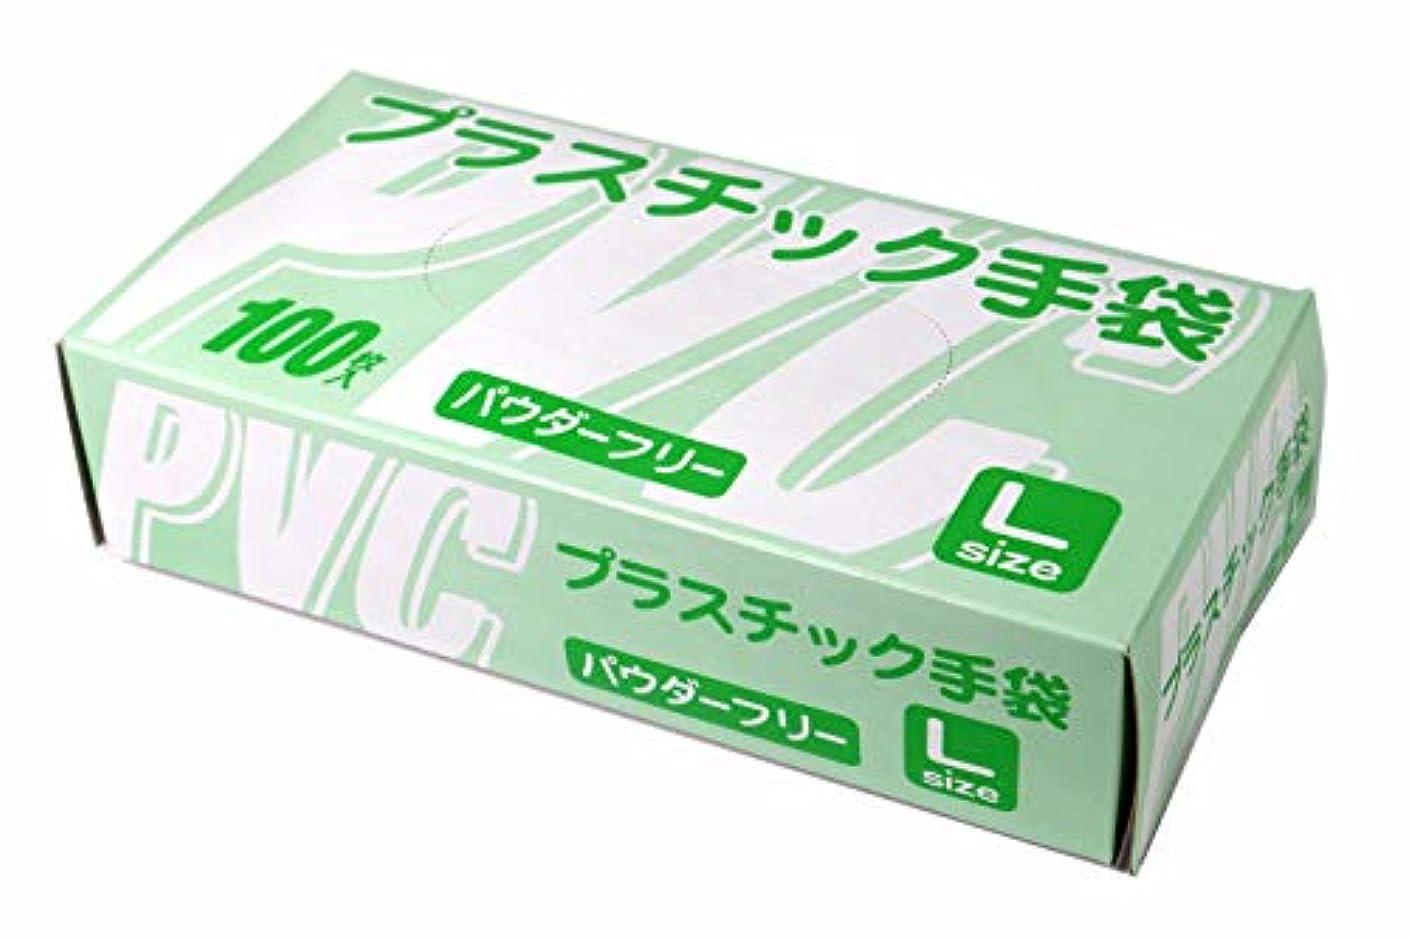 嵐が丘目的型使い捨て手袋 プラスチックグローブ 粉なし(パウダーフリー) Lサイズ 100枚入 超薄手 食品加工可 破れにくい 100431